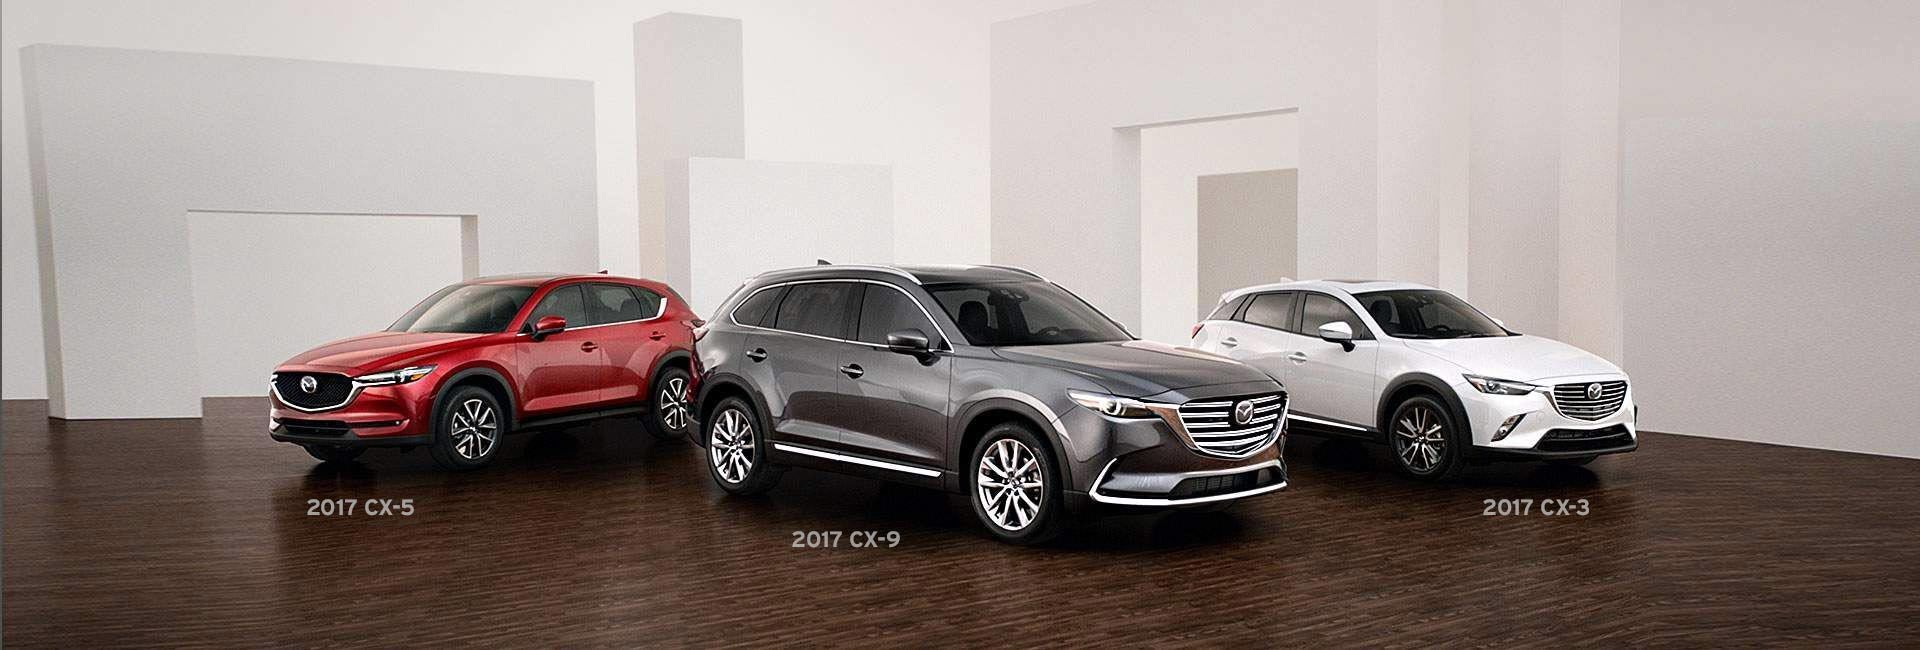 Mazda Dealership Dayton OH Used Cars Matt Castrucci Mazda - Mazda dealers in ohio